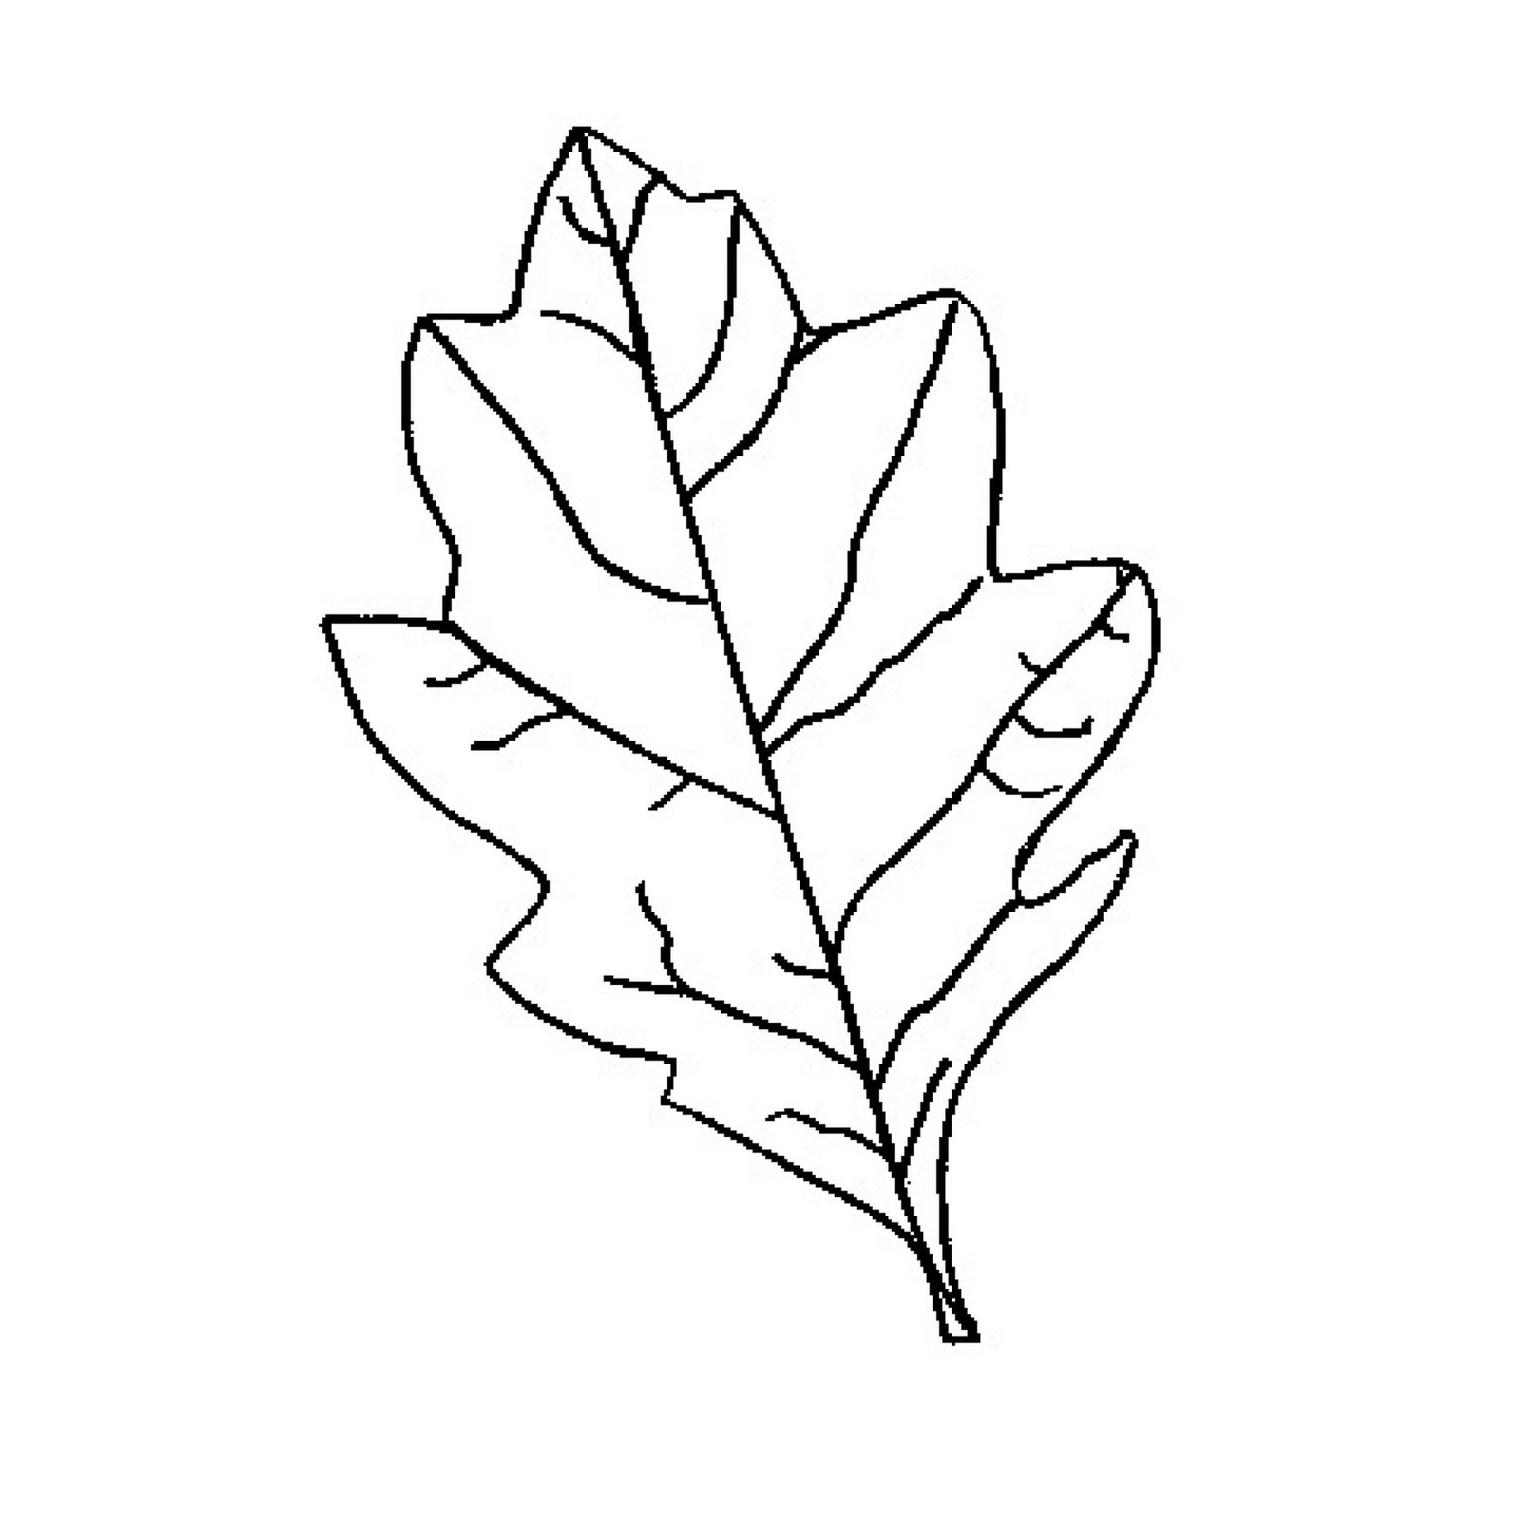 Leaf outline 3 clip art clipart 2.